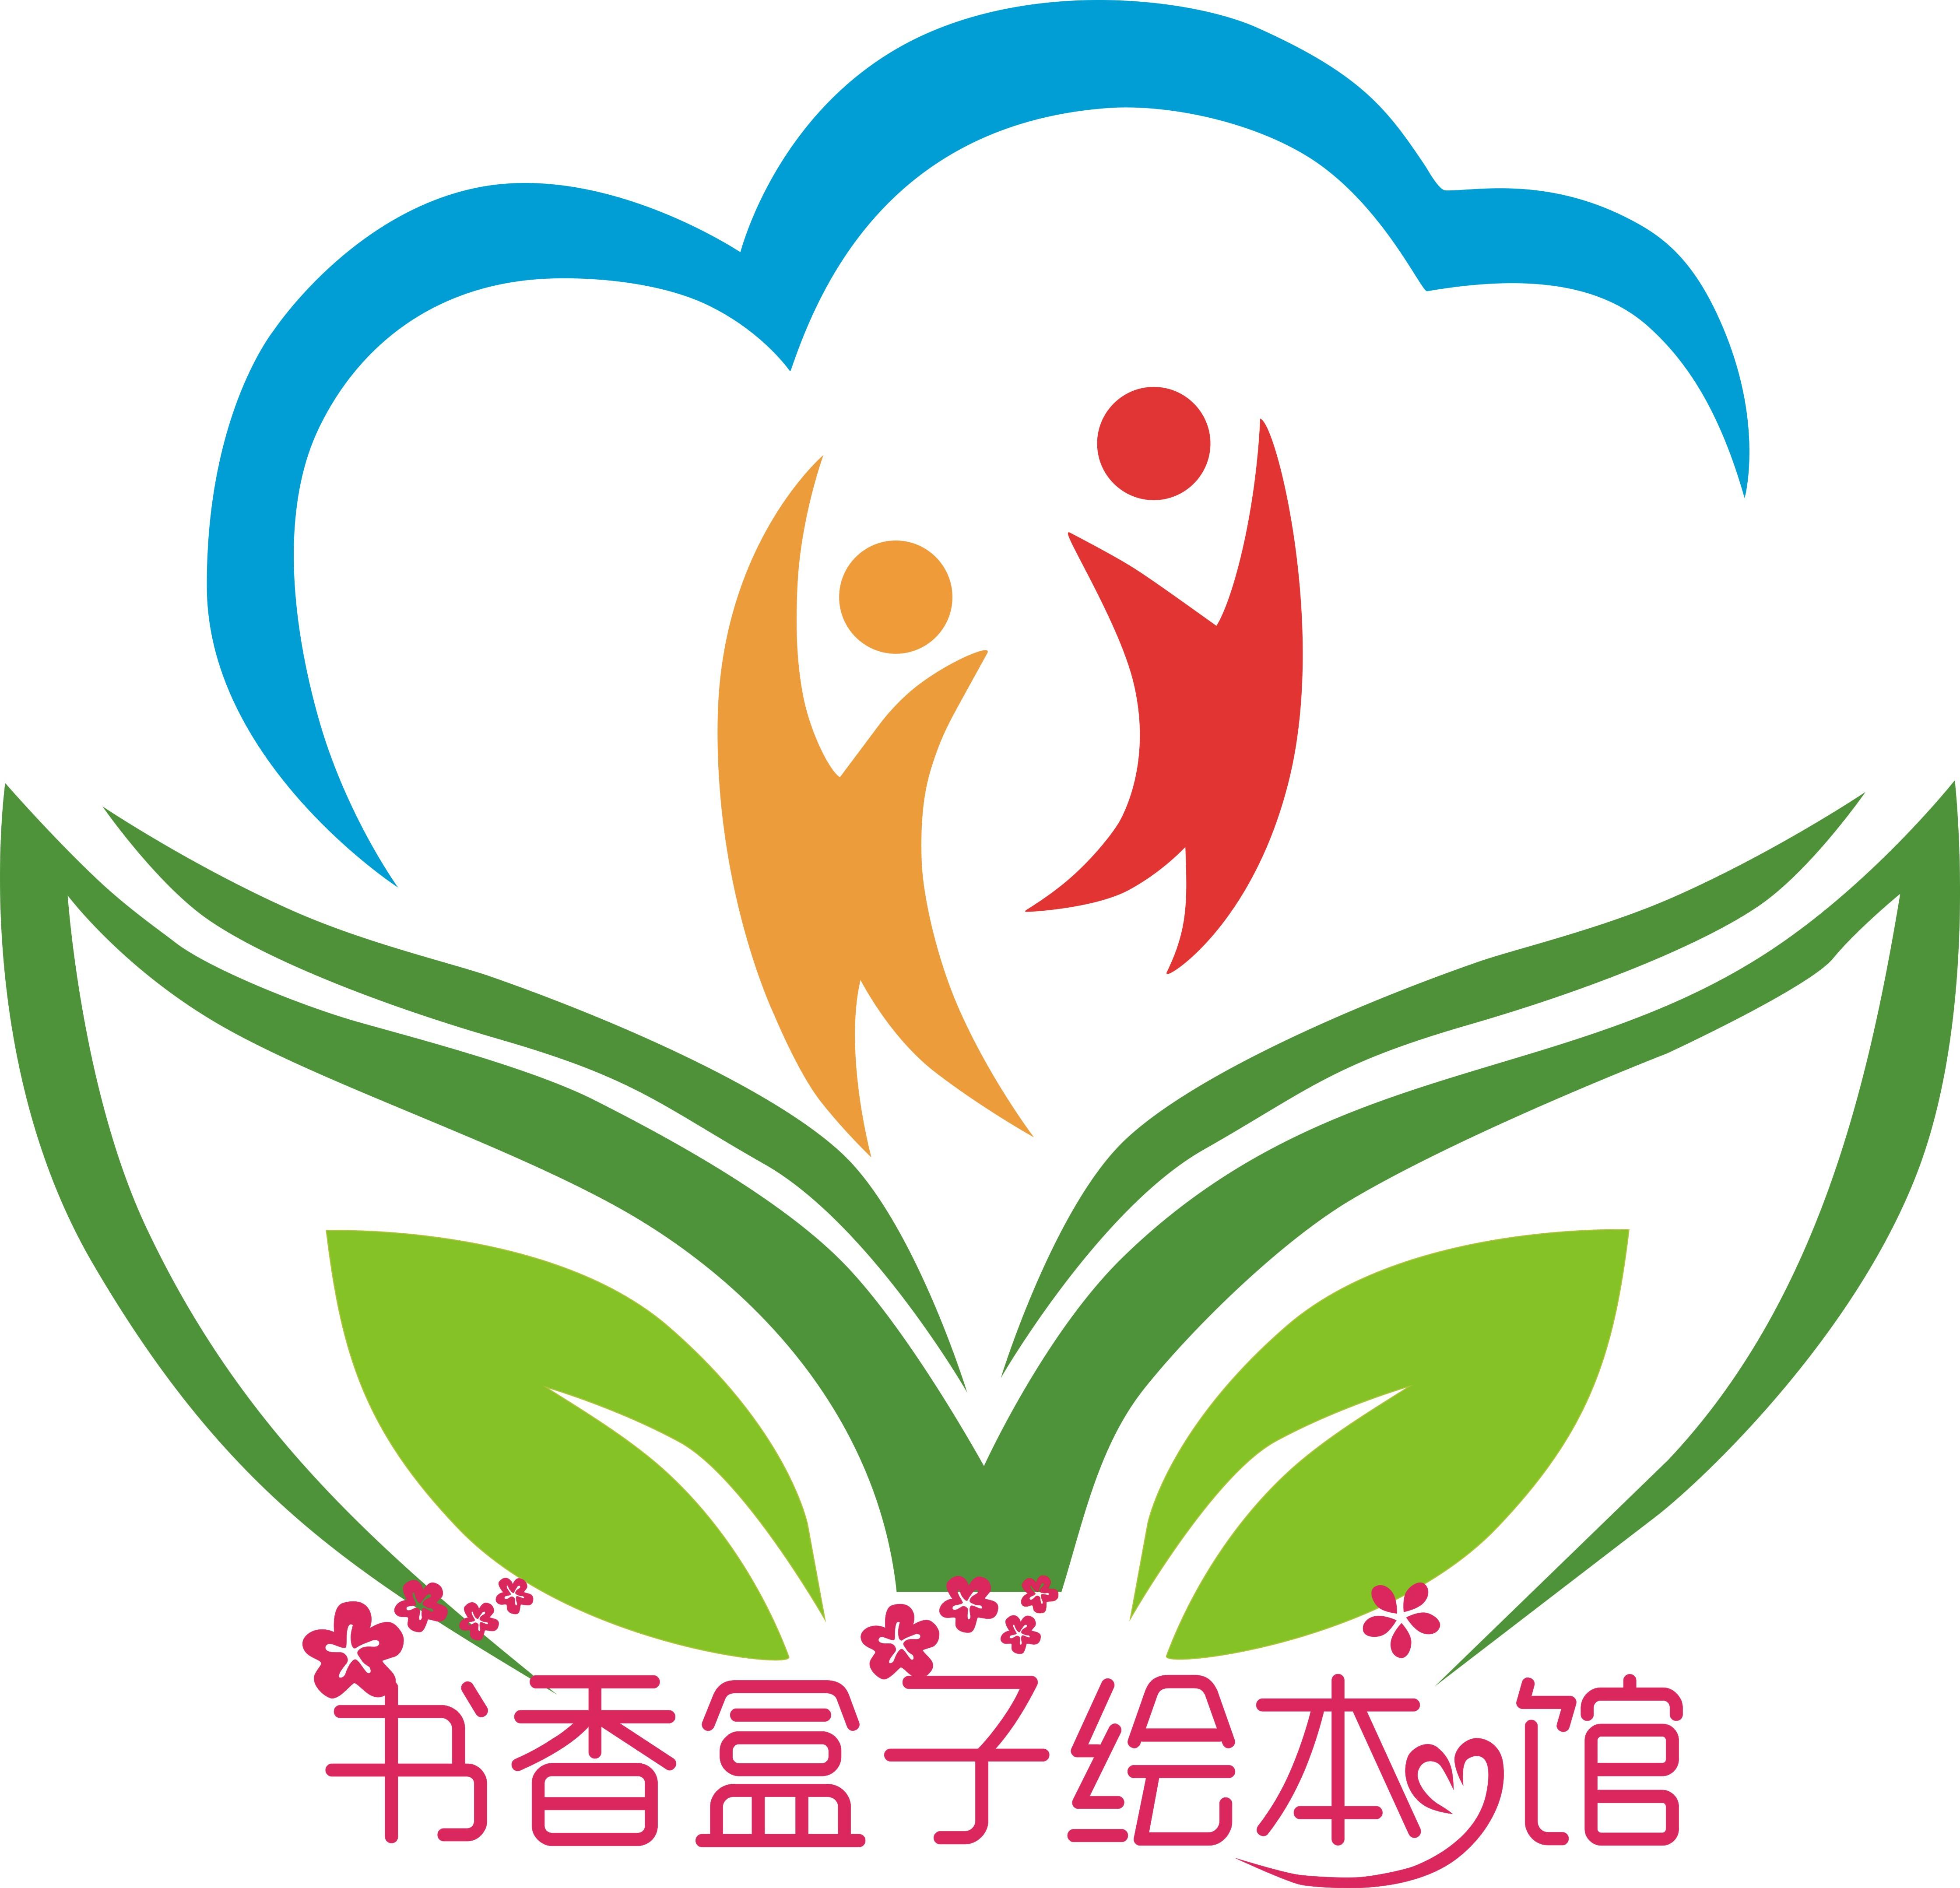 logo logo 标志 设计 矢量 矢量图 素材 图标 4478_4314